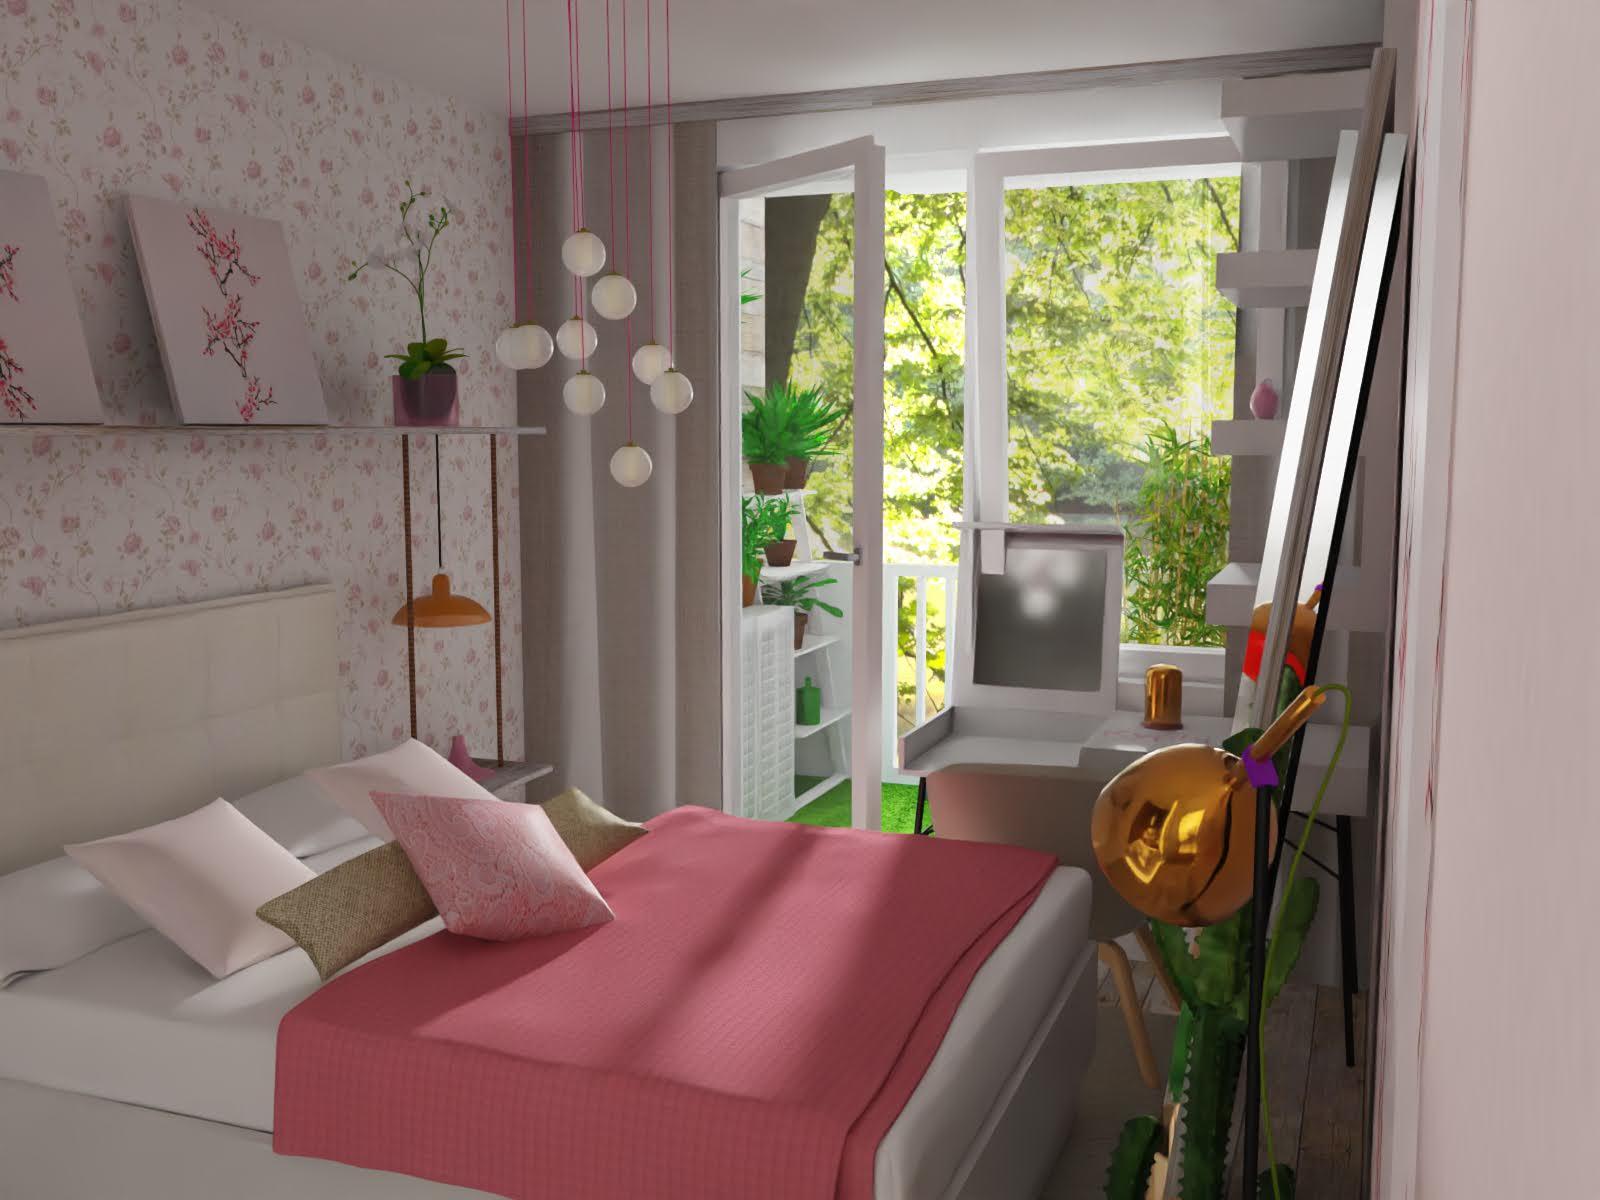 Damska sypialnia z balkonem